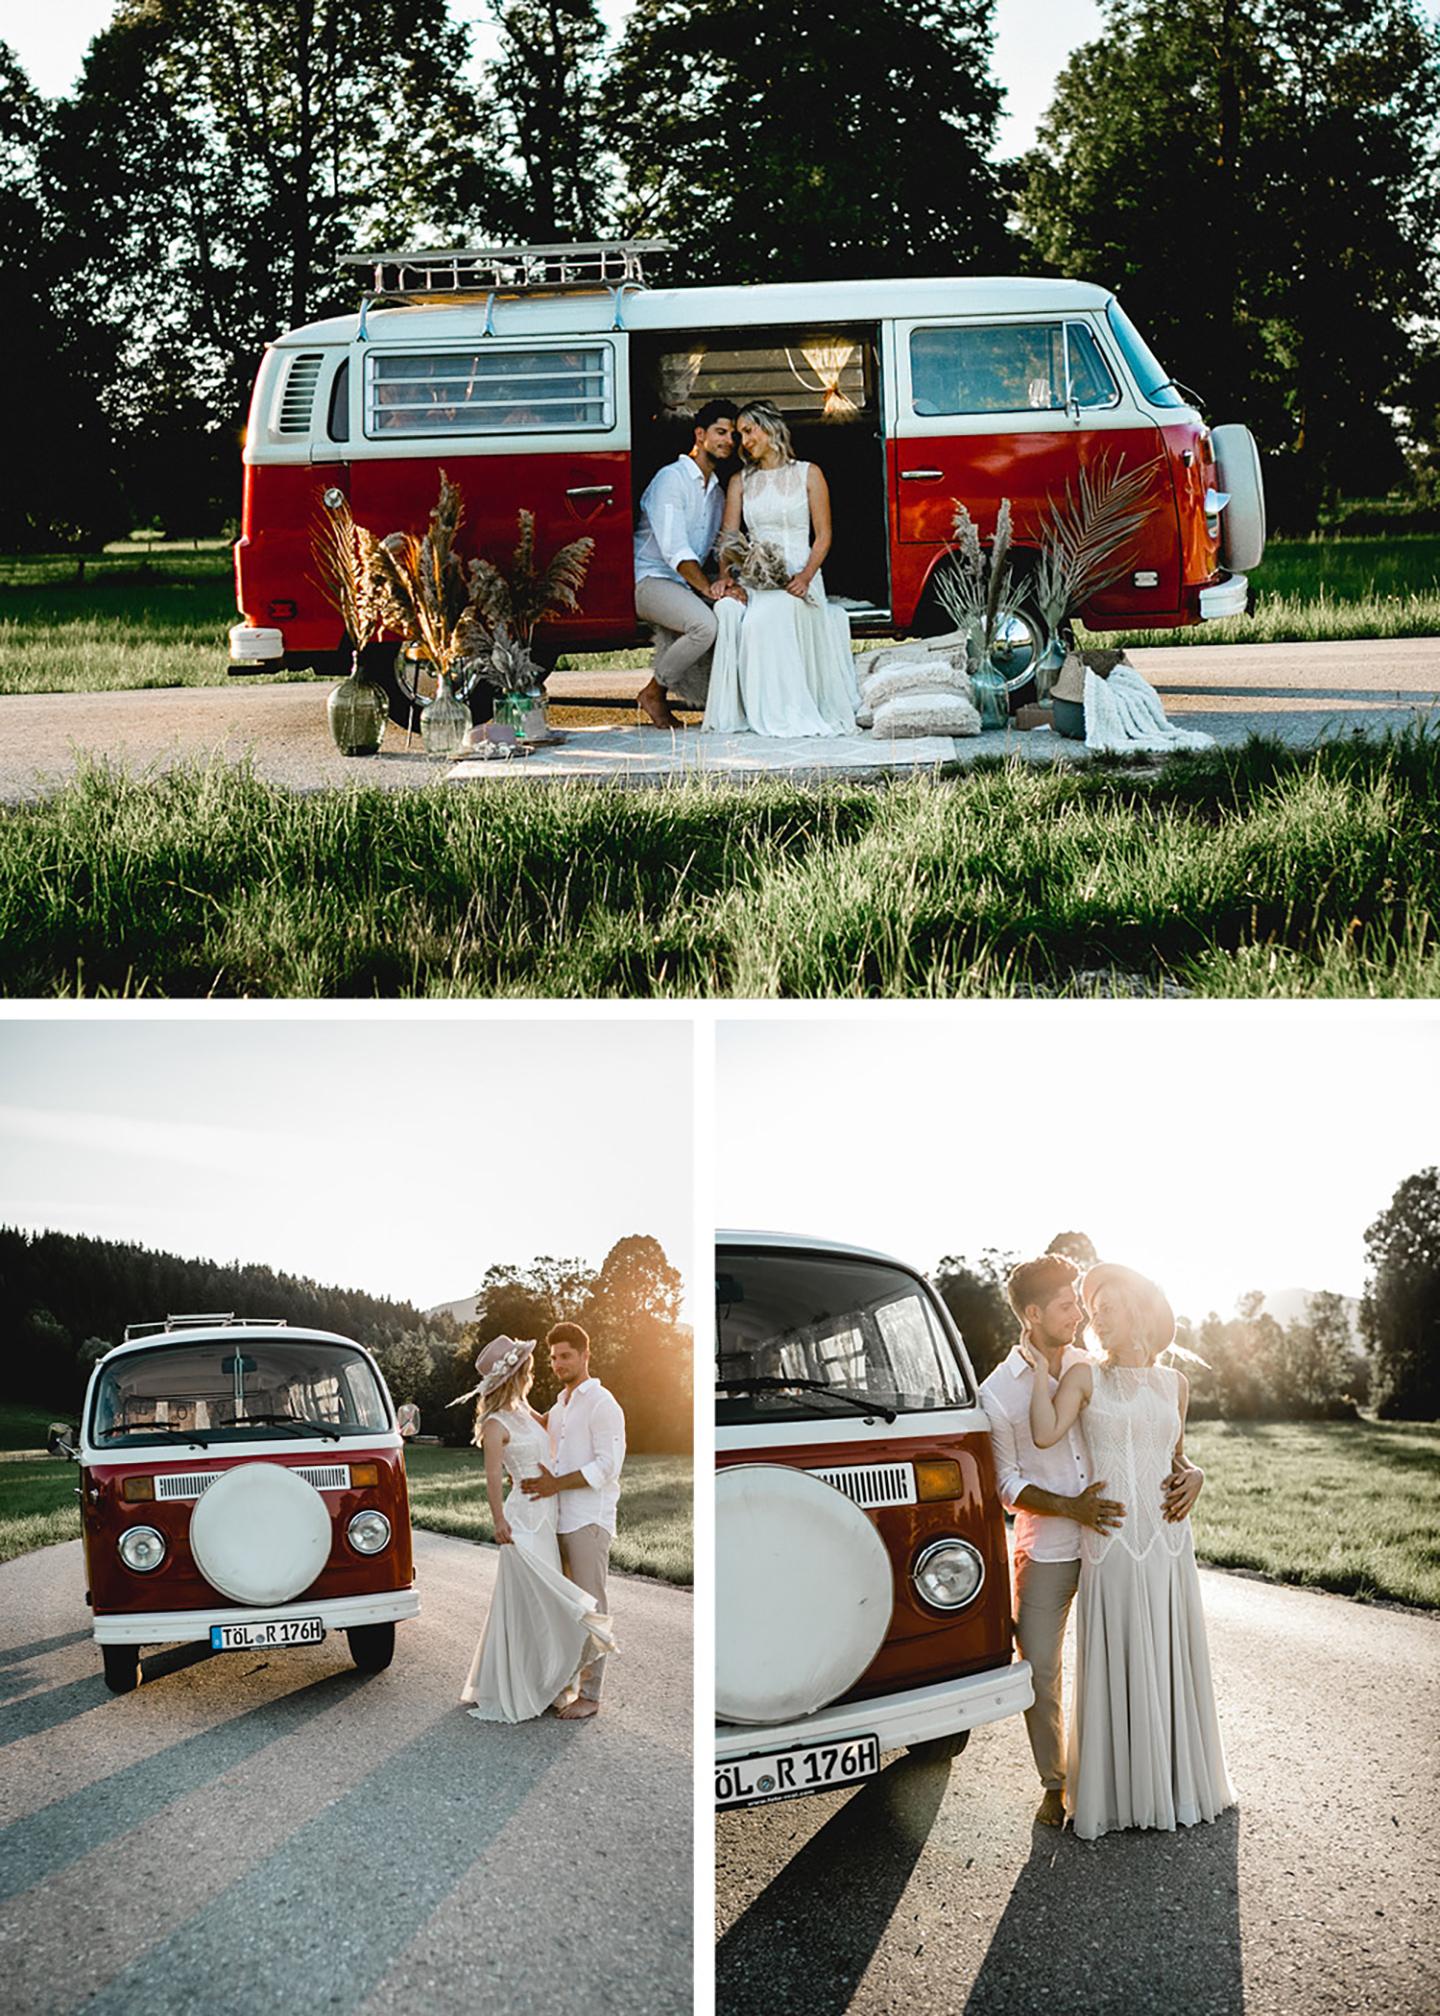 Der Bulli steht als Mittelpunkt des Brautpaarshootings in mitten einer Straße durch eine grüne Landschaft. Das Brautpaar befindet sich auf den drei Bildern im und vor dem rot-cremefarbenen Bulli und posiert für das Shooting.